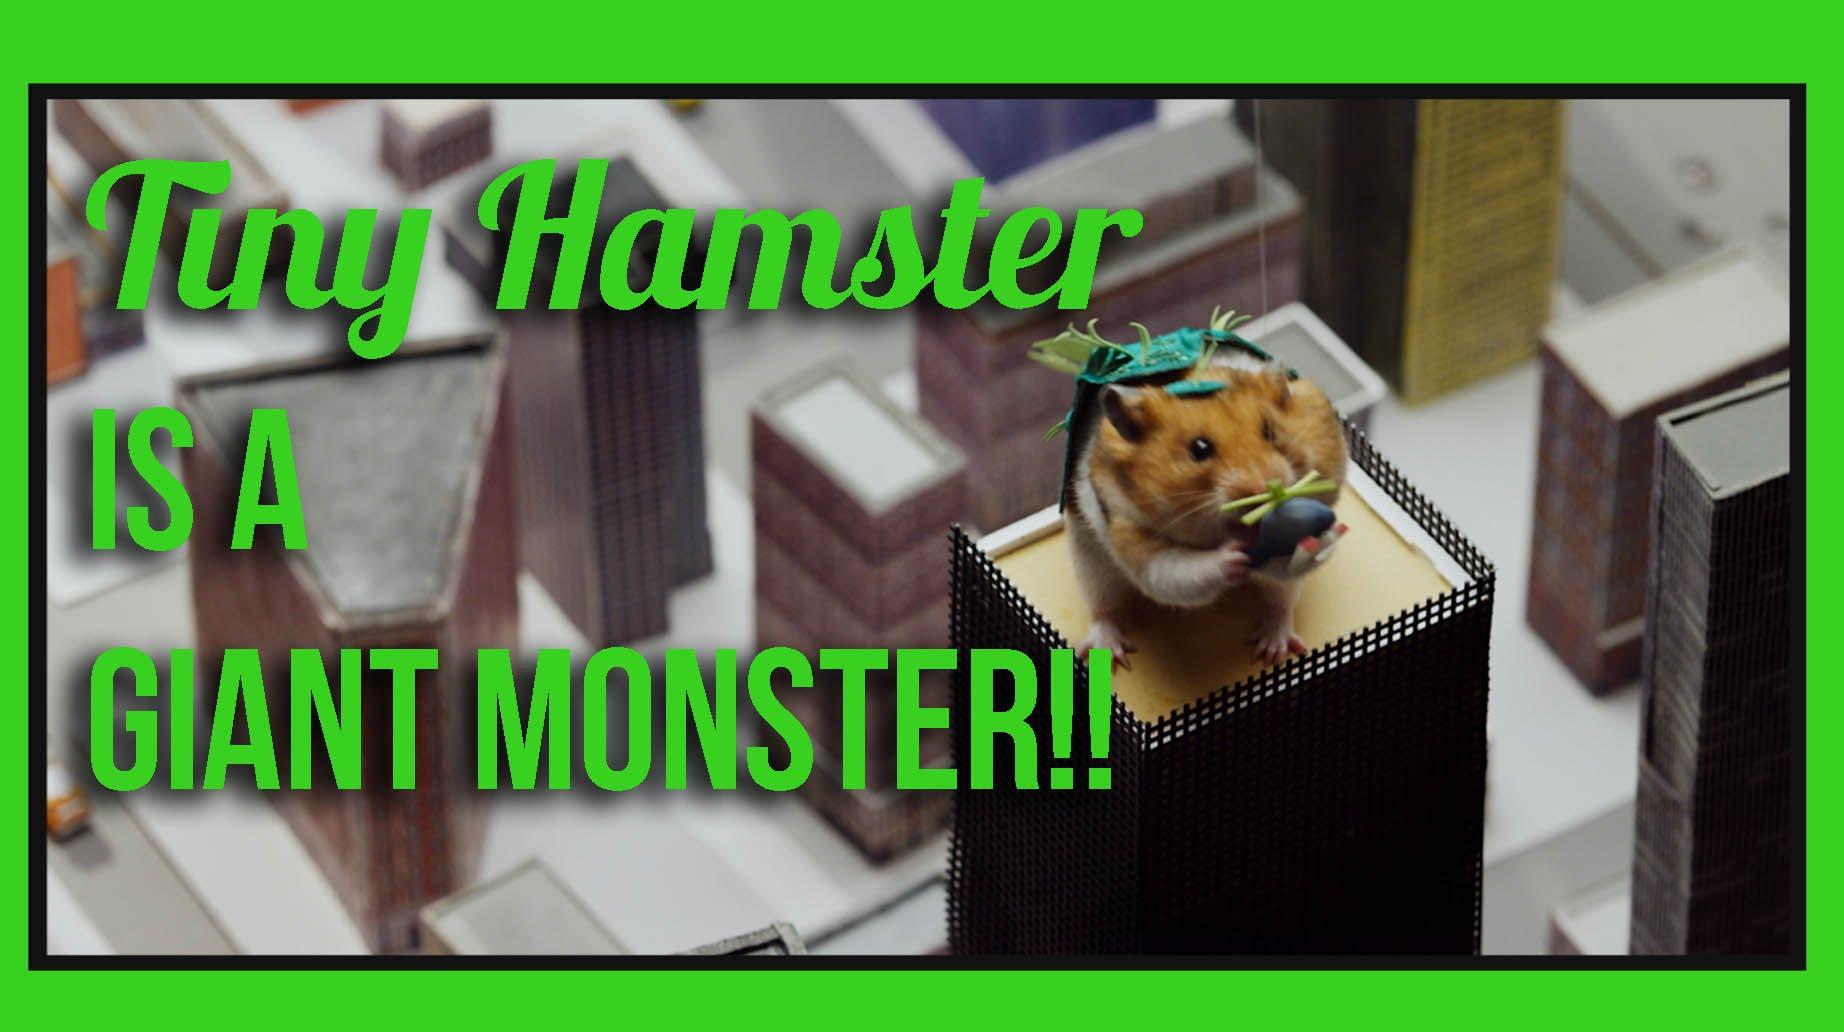 ハムスターを巨大モンスター化!? なのに可愛らしい動画